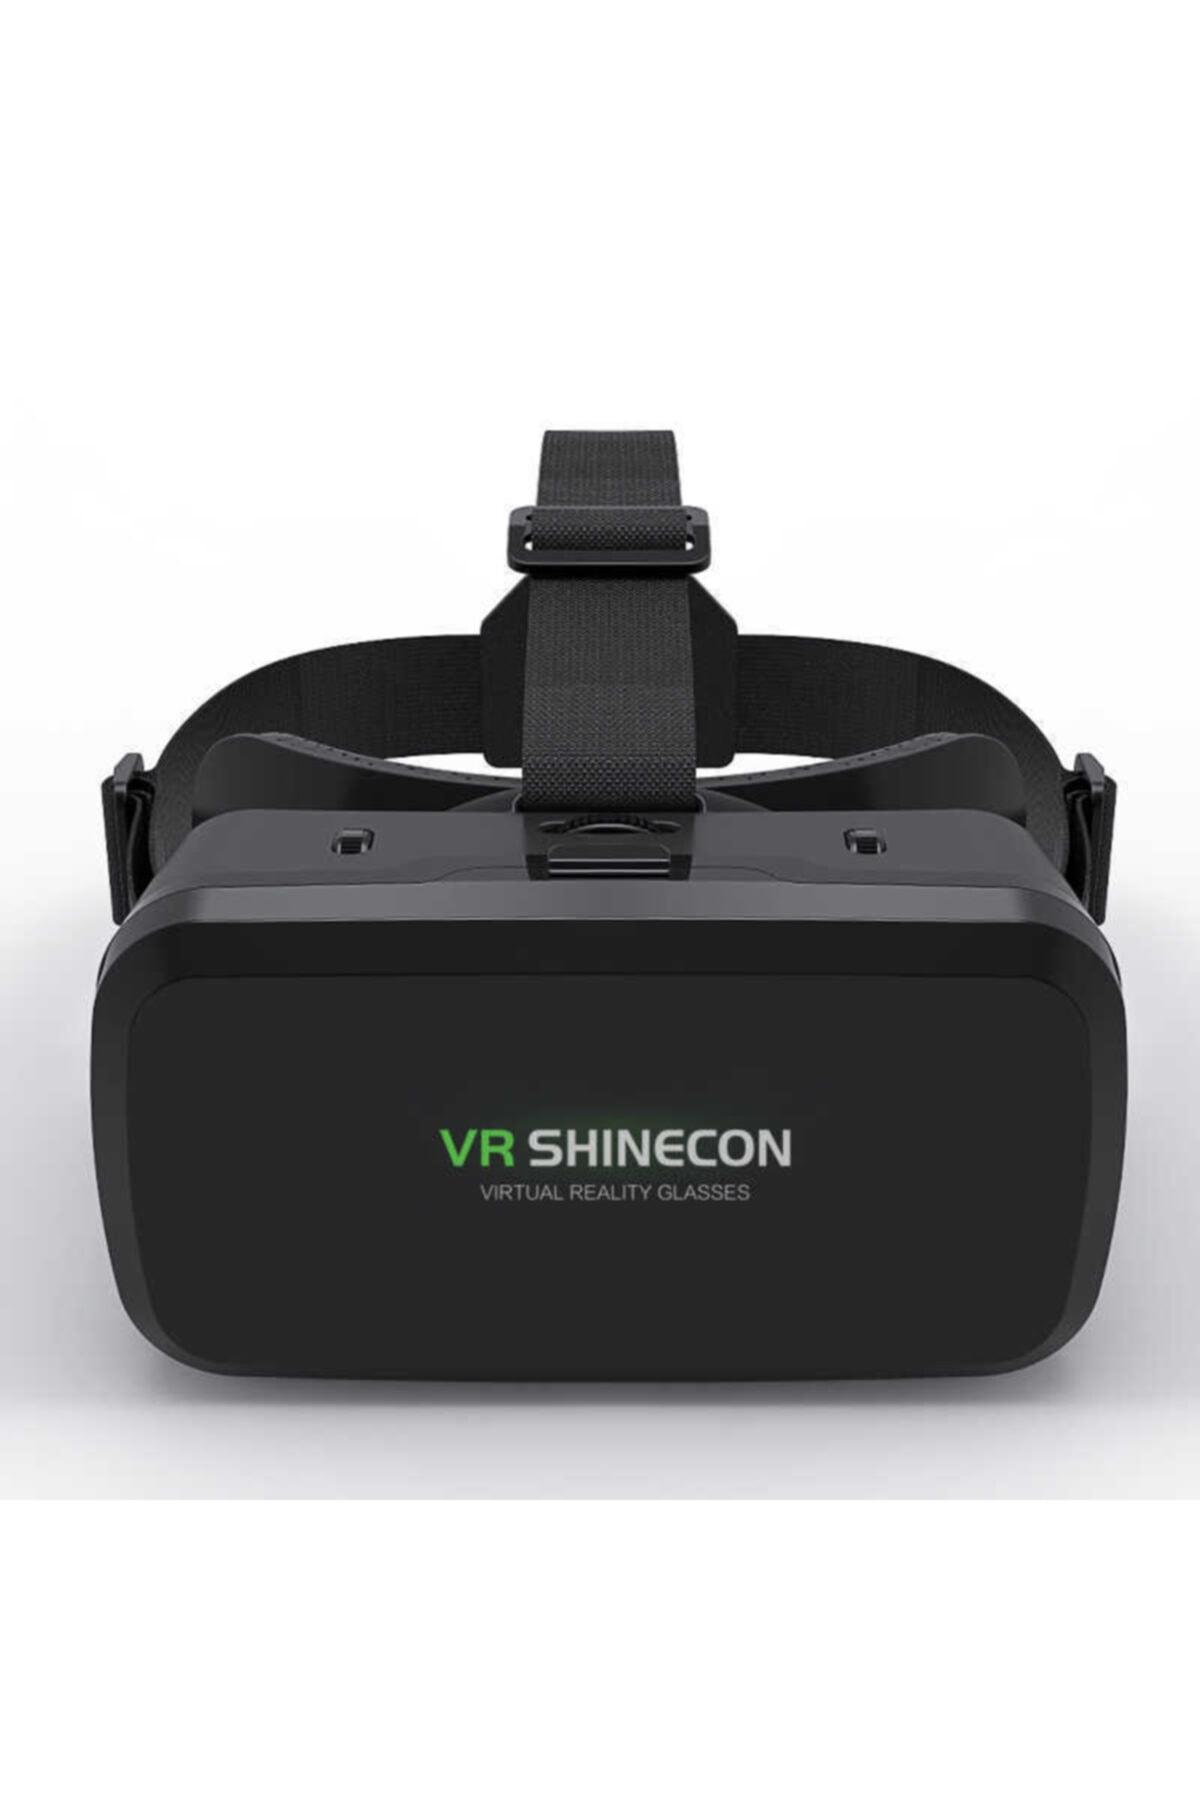 Teknoloji Gelsin Vr Shinecon 3d 720° Panoromik Sanal Gerçeklik Gözlüğü Siyah 2